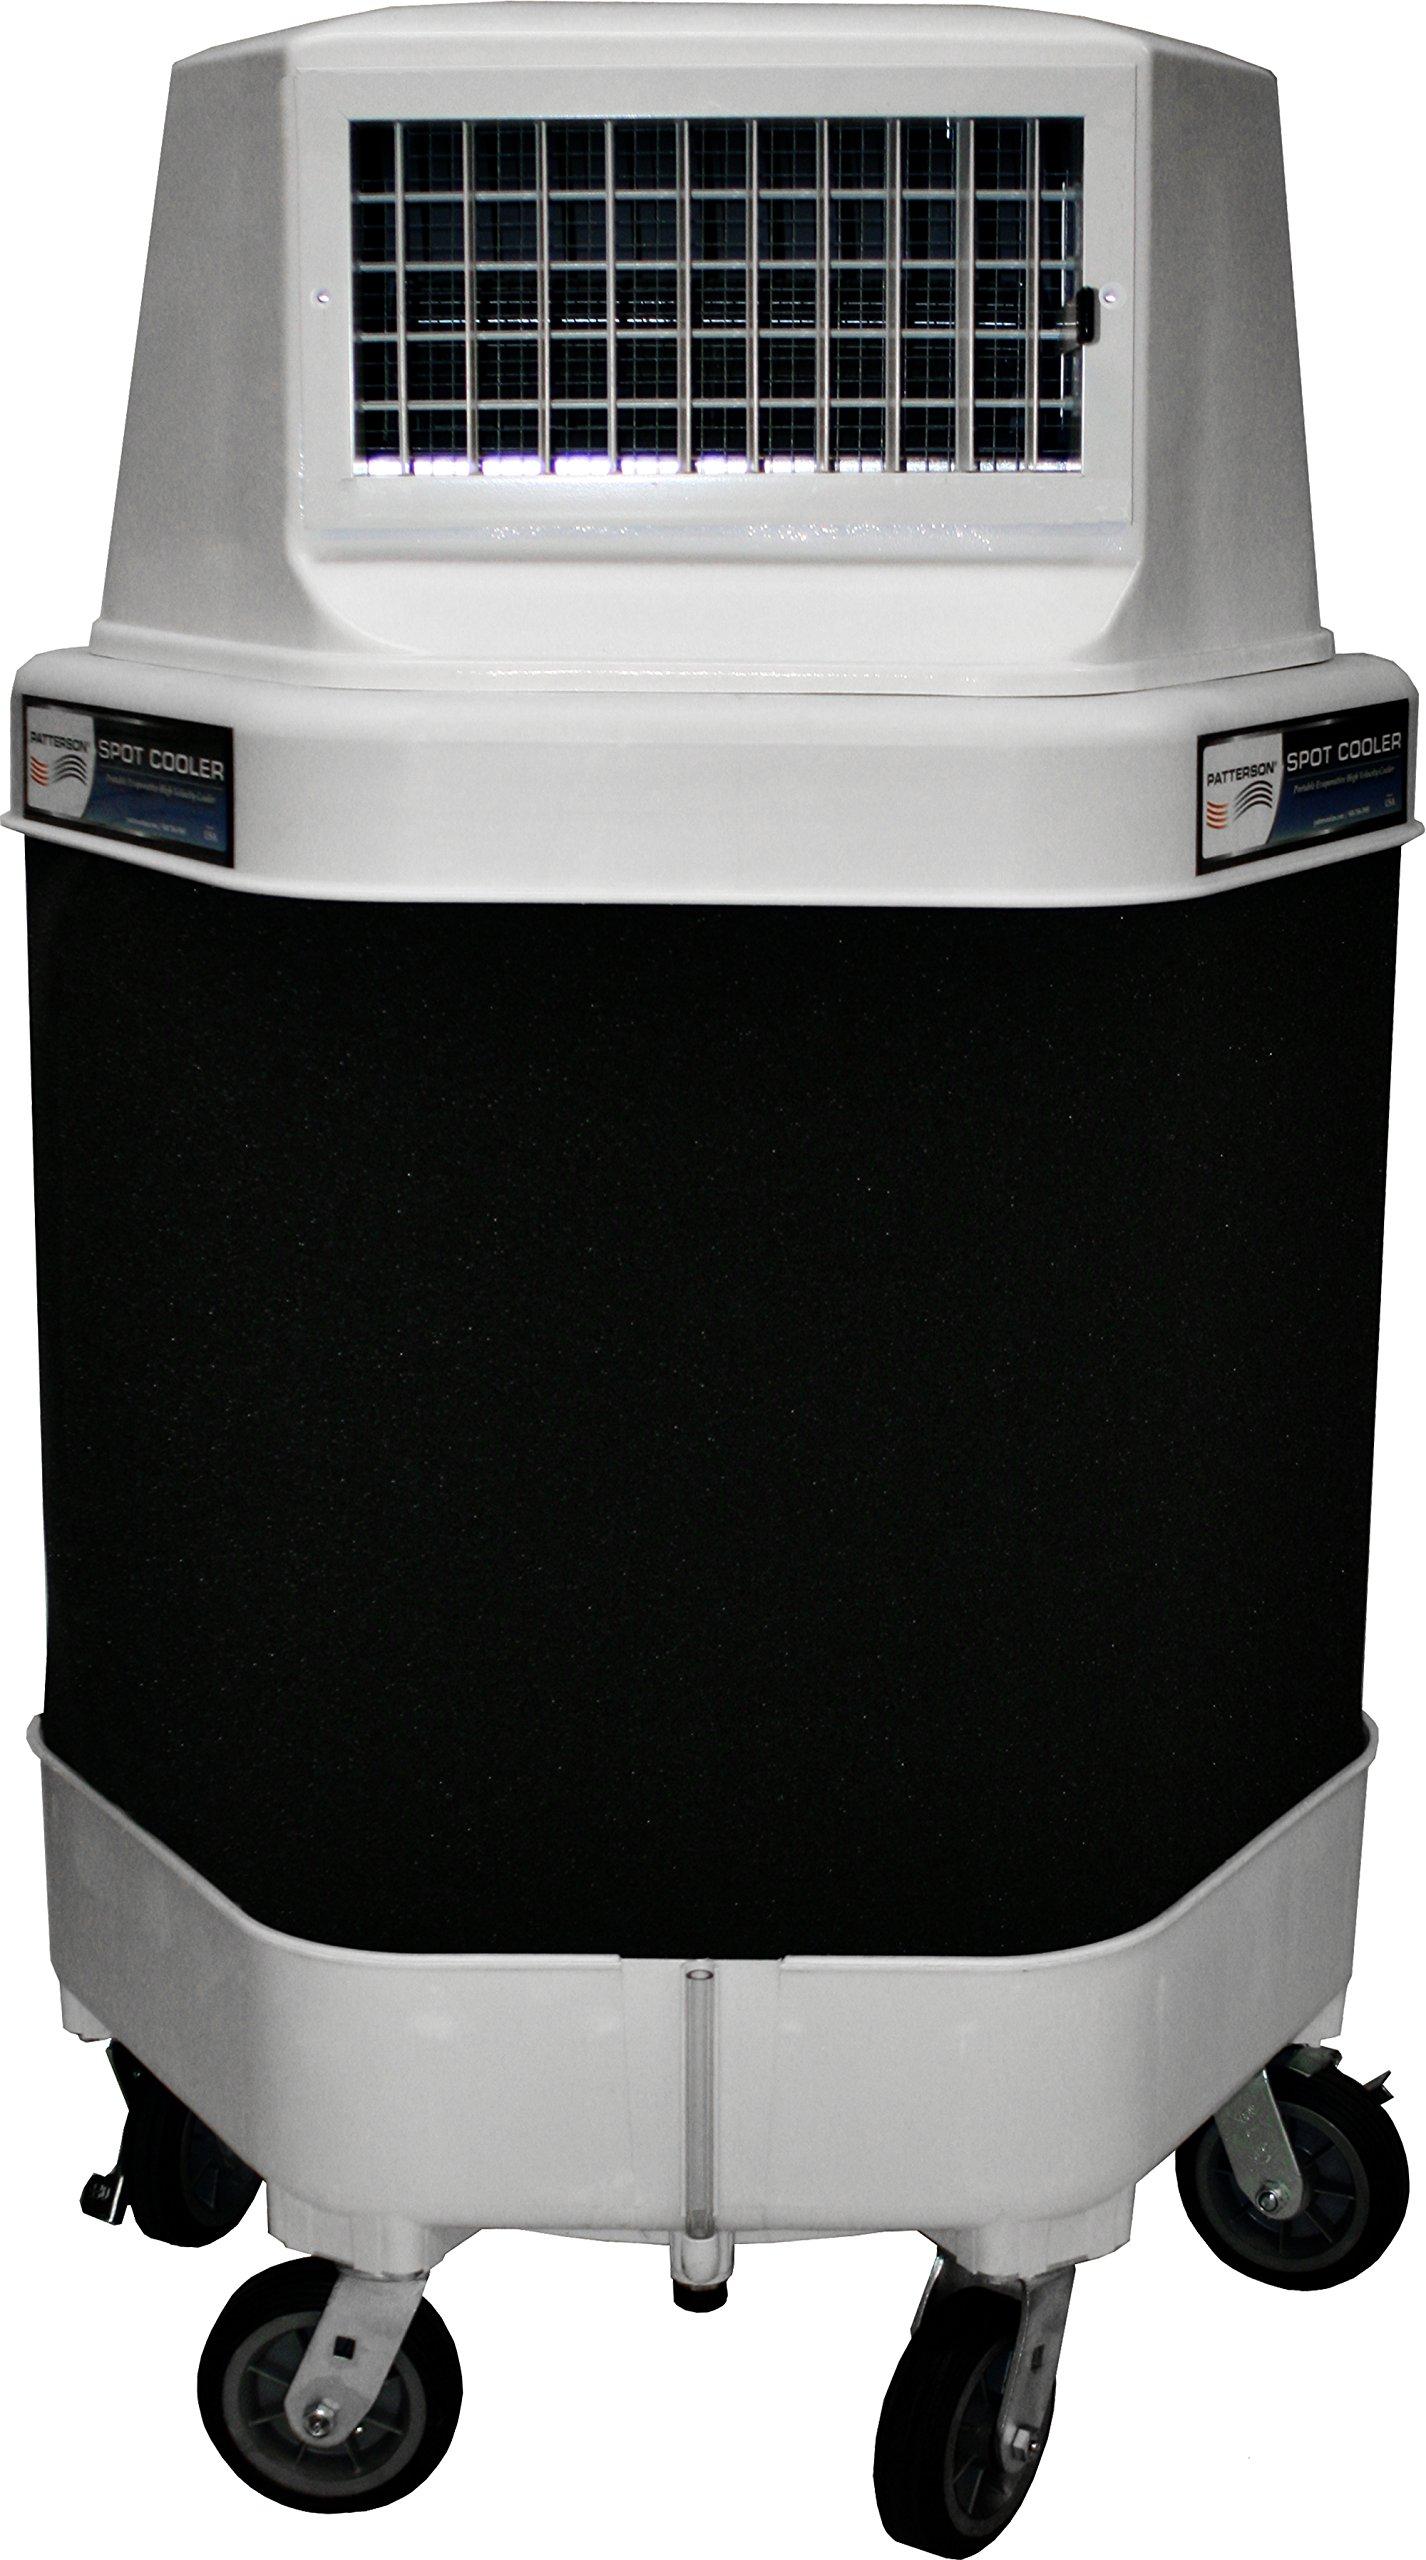 Patterson Fans 90504 Spot Cooler, White with a Black Center Wrap